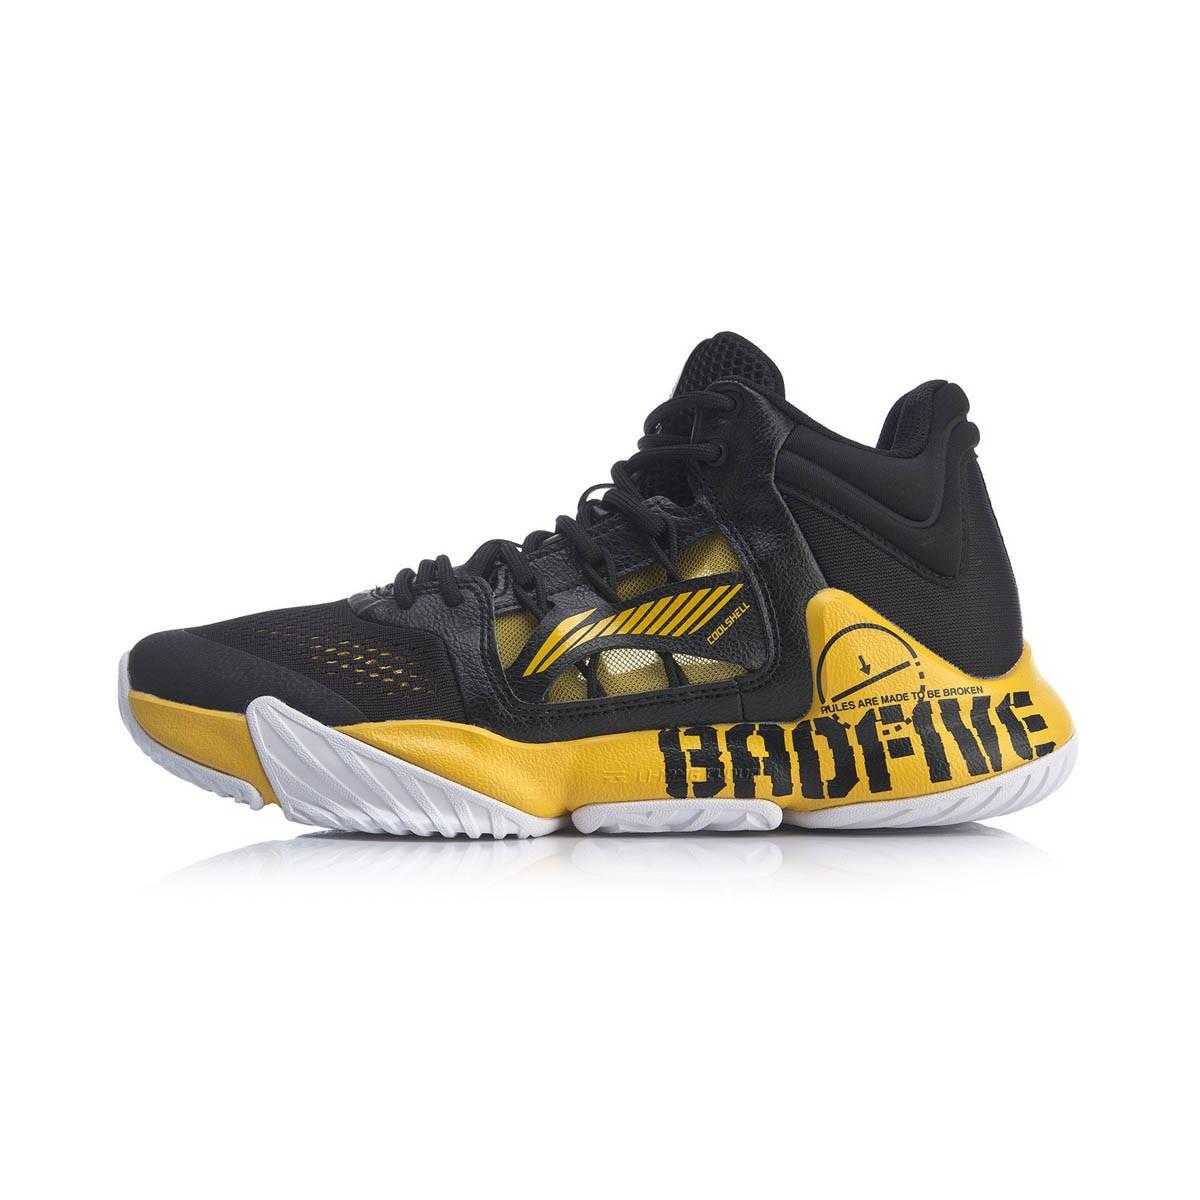 LI-NING 李宁 暴风3代 男士篮球鞋 ABAP073-4 黑色/黄色 41